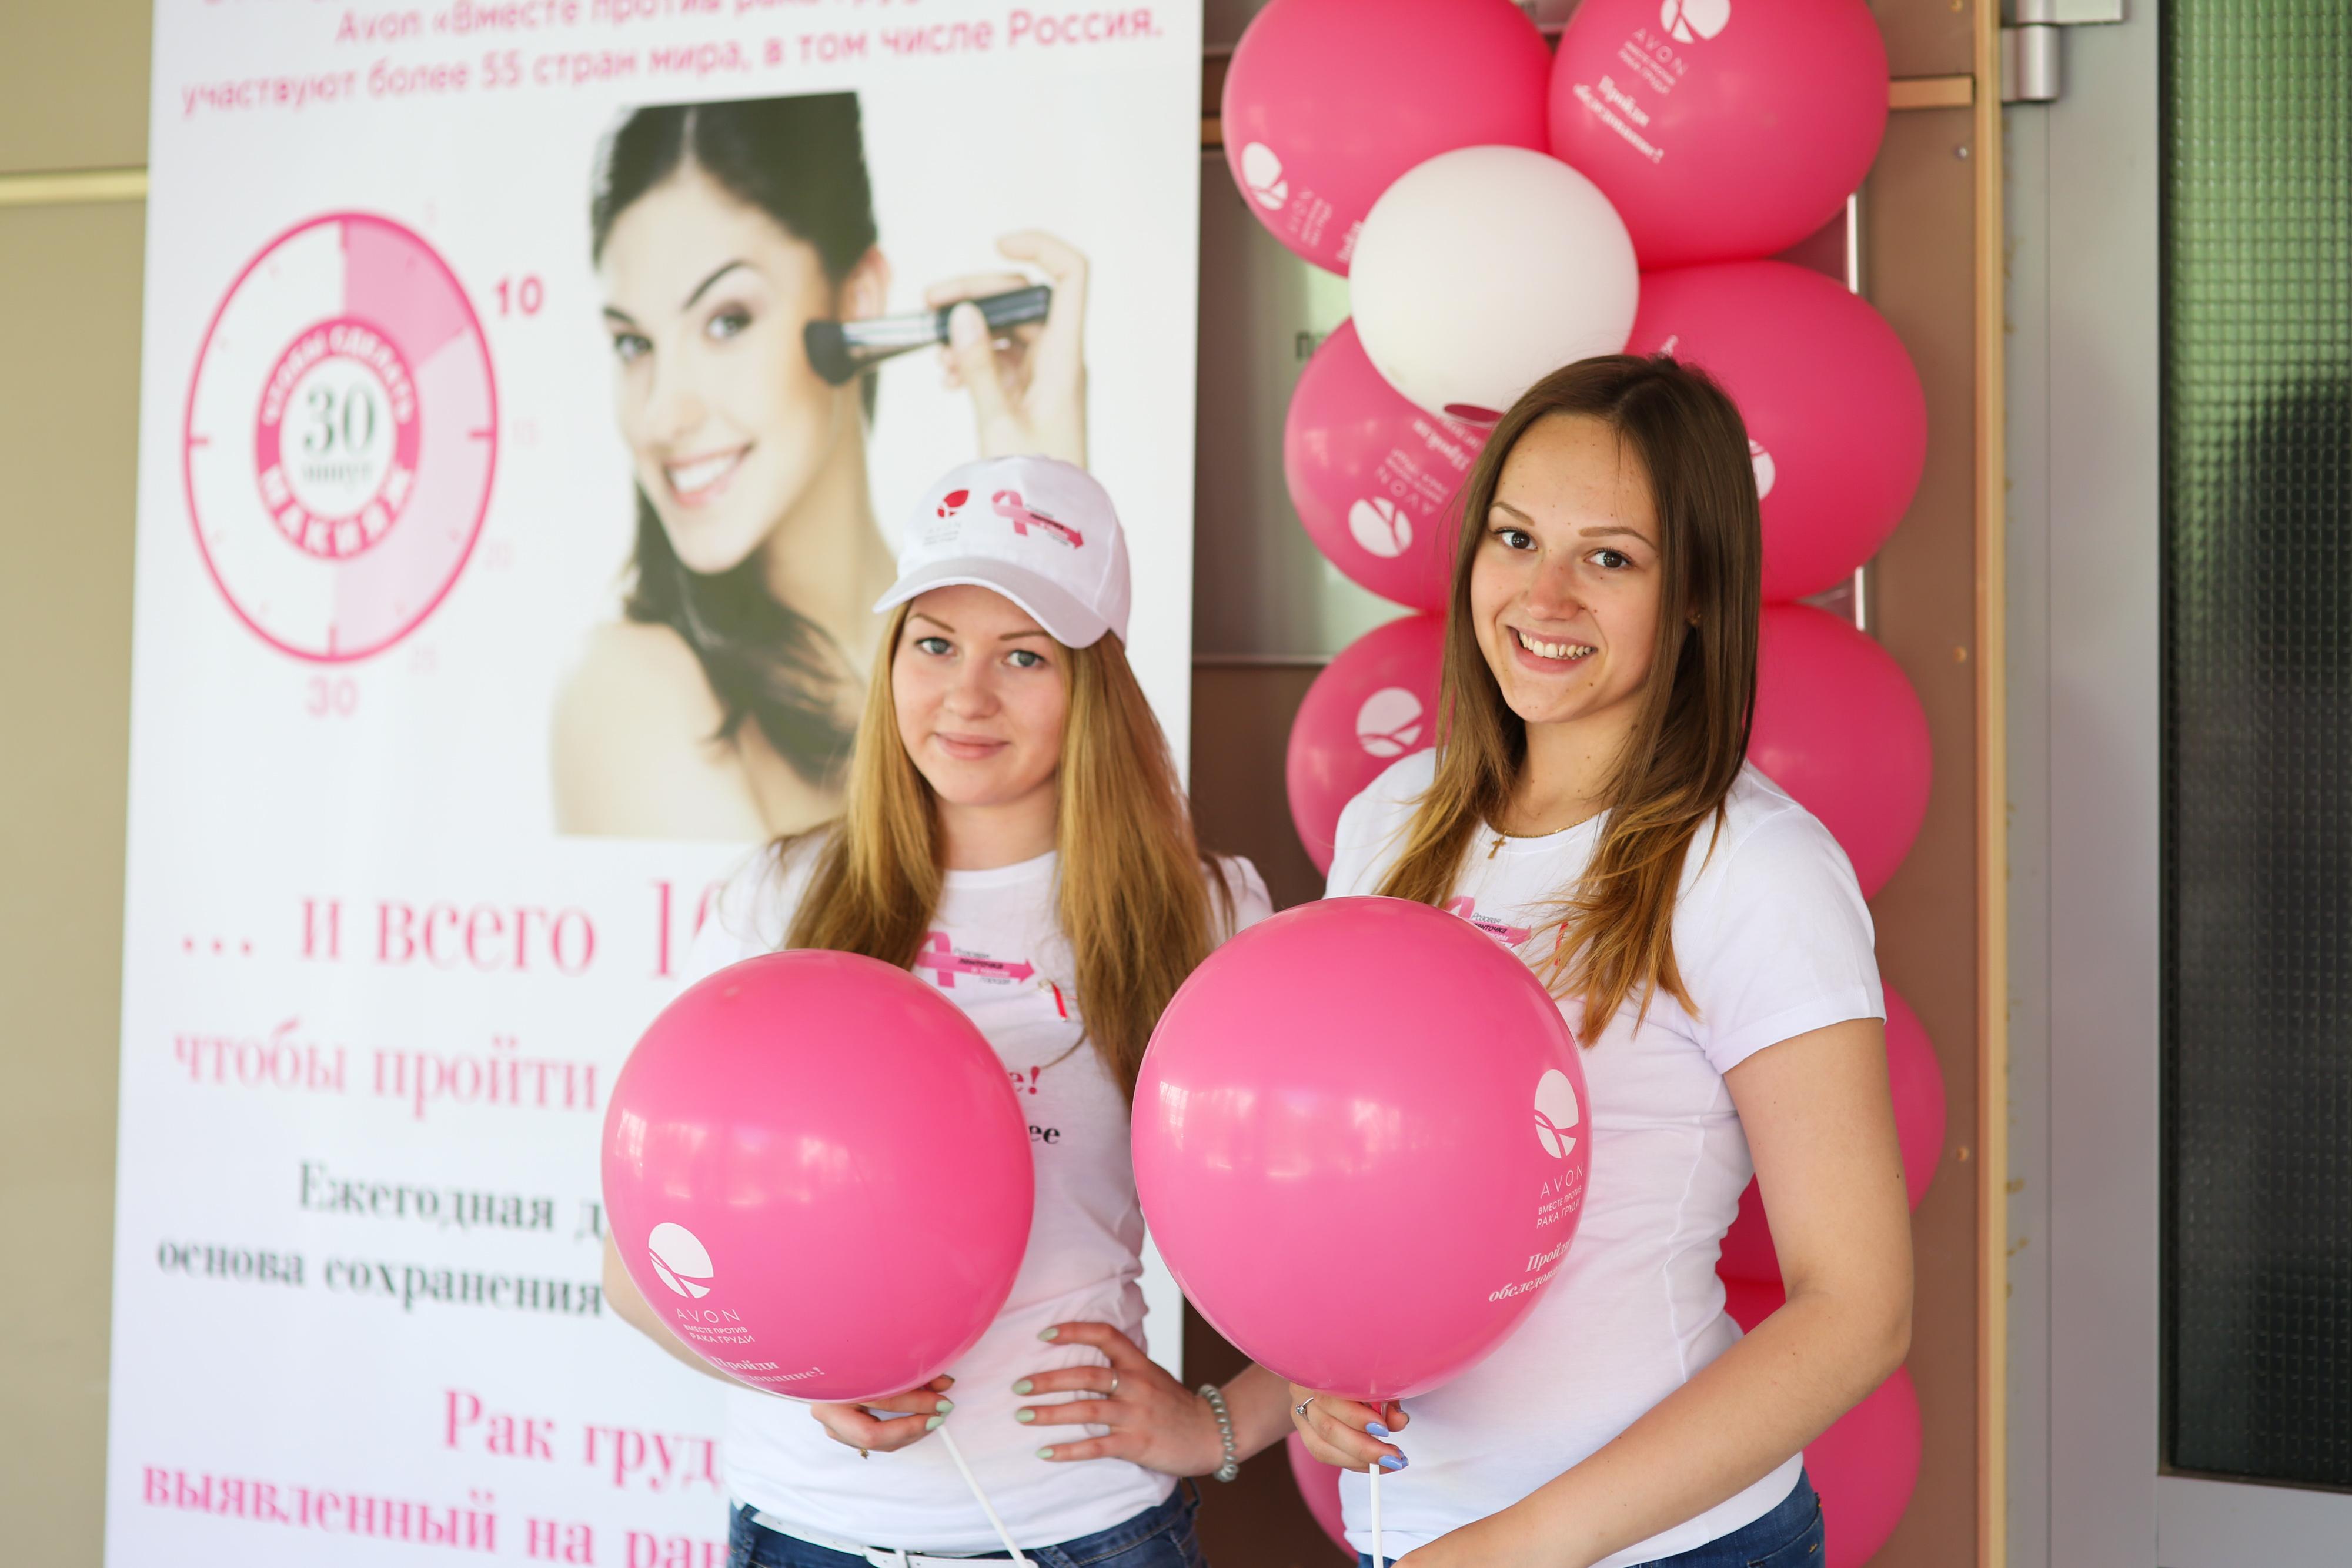 Avon и Nestlé Fitness объединились против рака груди